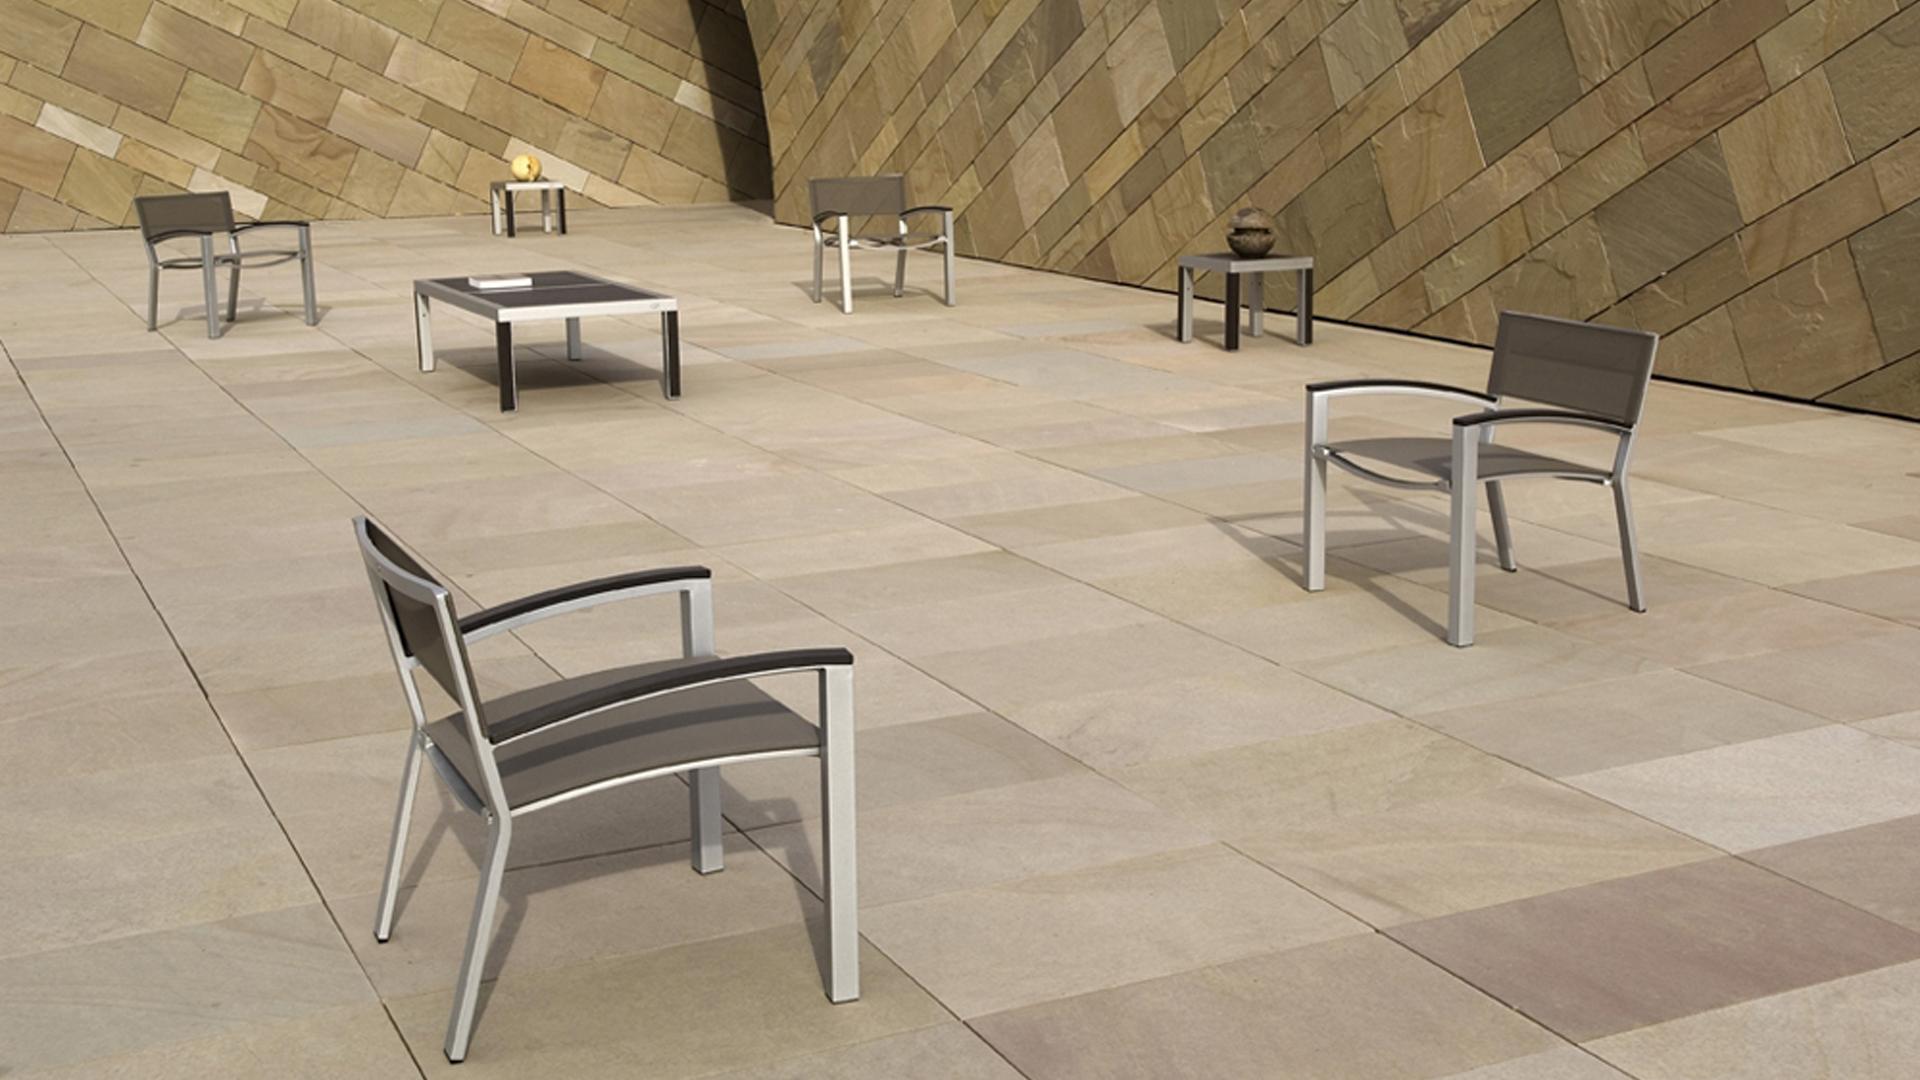 Ce siège extérieur en aluminium et Batyline® est un fauteuil pour ameublement d'extérieur, une création Claude Robin pour LES JARDINS AIX-EN-PROVENCE. Mobilier urbain idéal comme mobilier de jardin, mobilier de terrasse, mobilier d'hôtel. Chaise extérieure alliant design moderne et ergonomie. Ce mobilier urbain s'adapte à tout type d'extérieur. Modèle déposé.